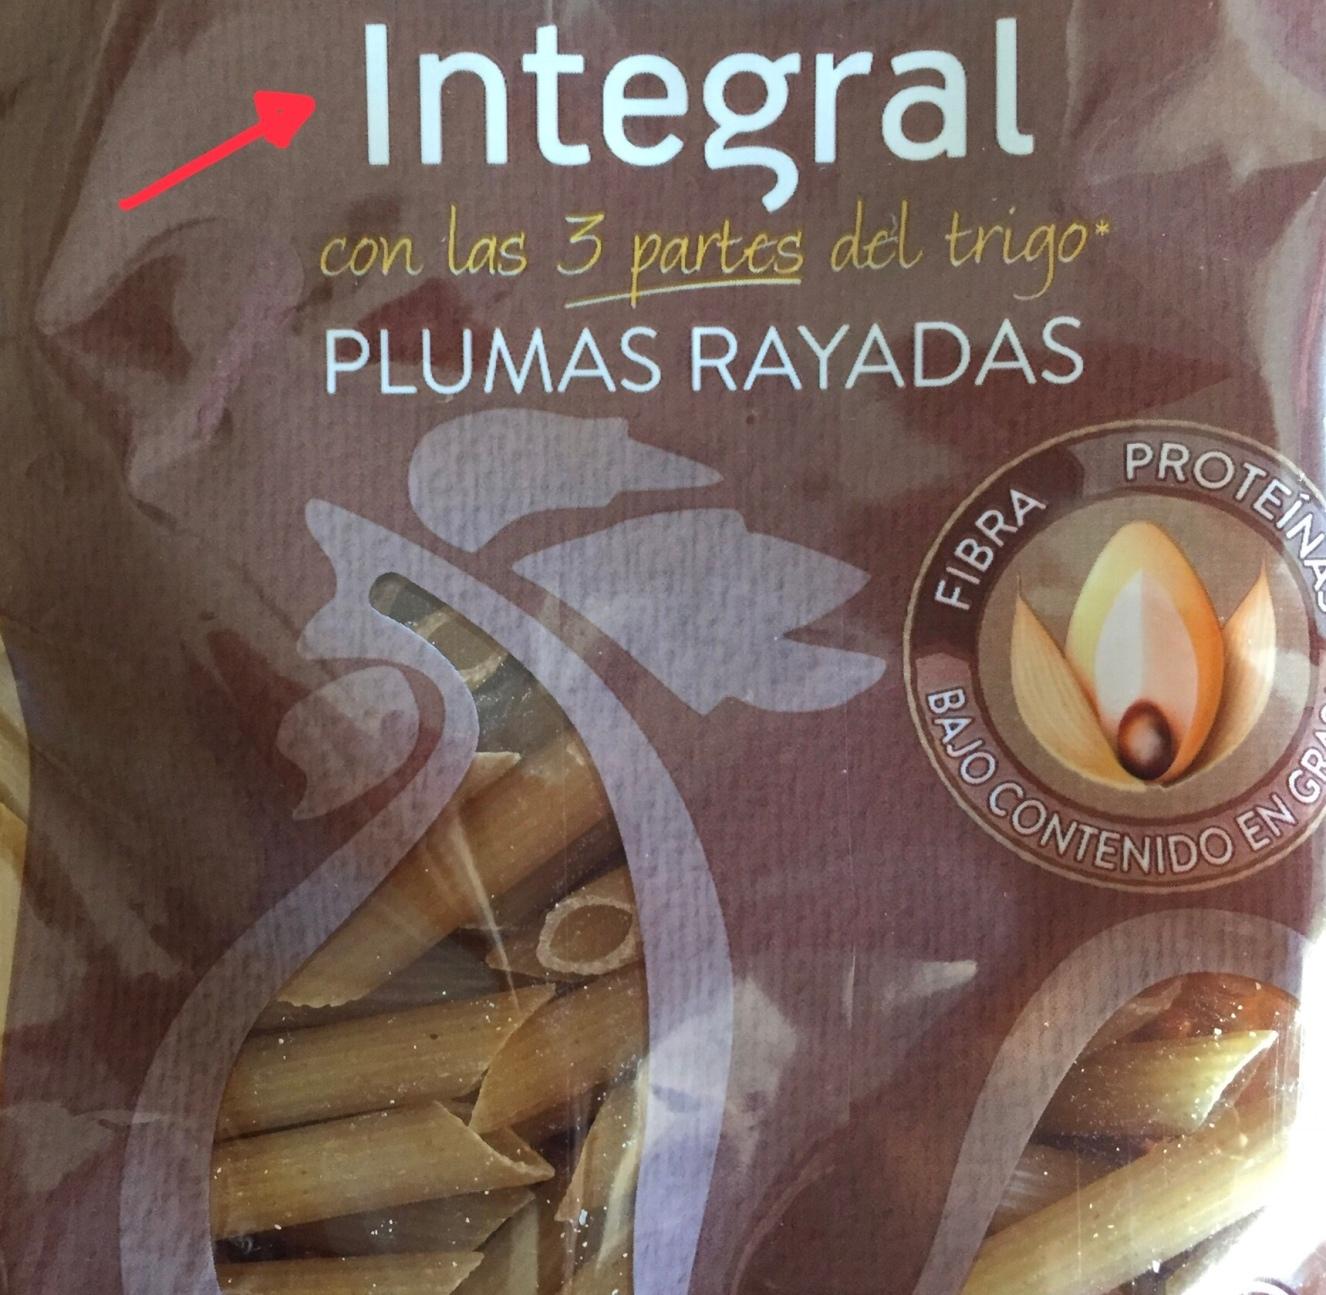 Letras en grande no es garantia de que sea integral cien por cien, necesitamos leer los ingredientes en la parte de atrás para poder confirmarlo